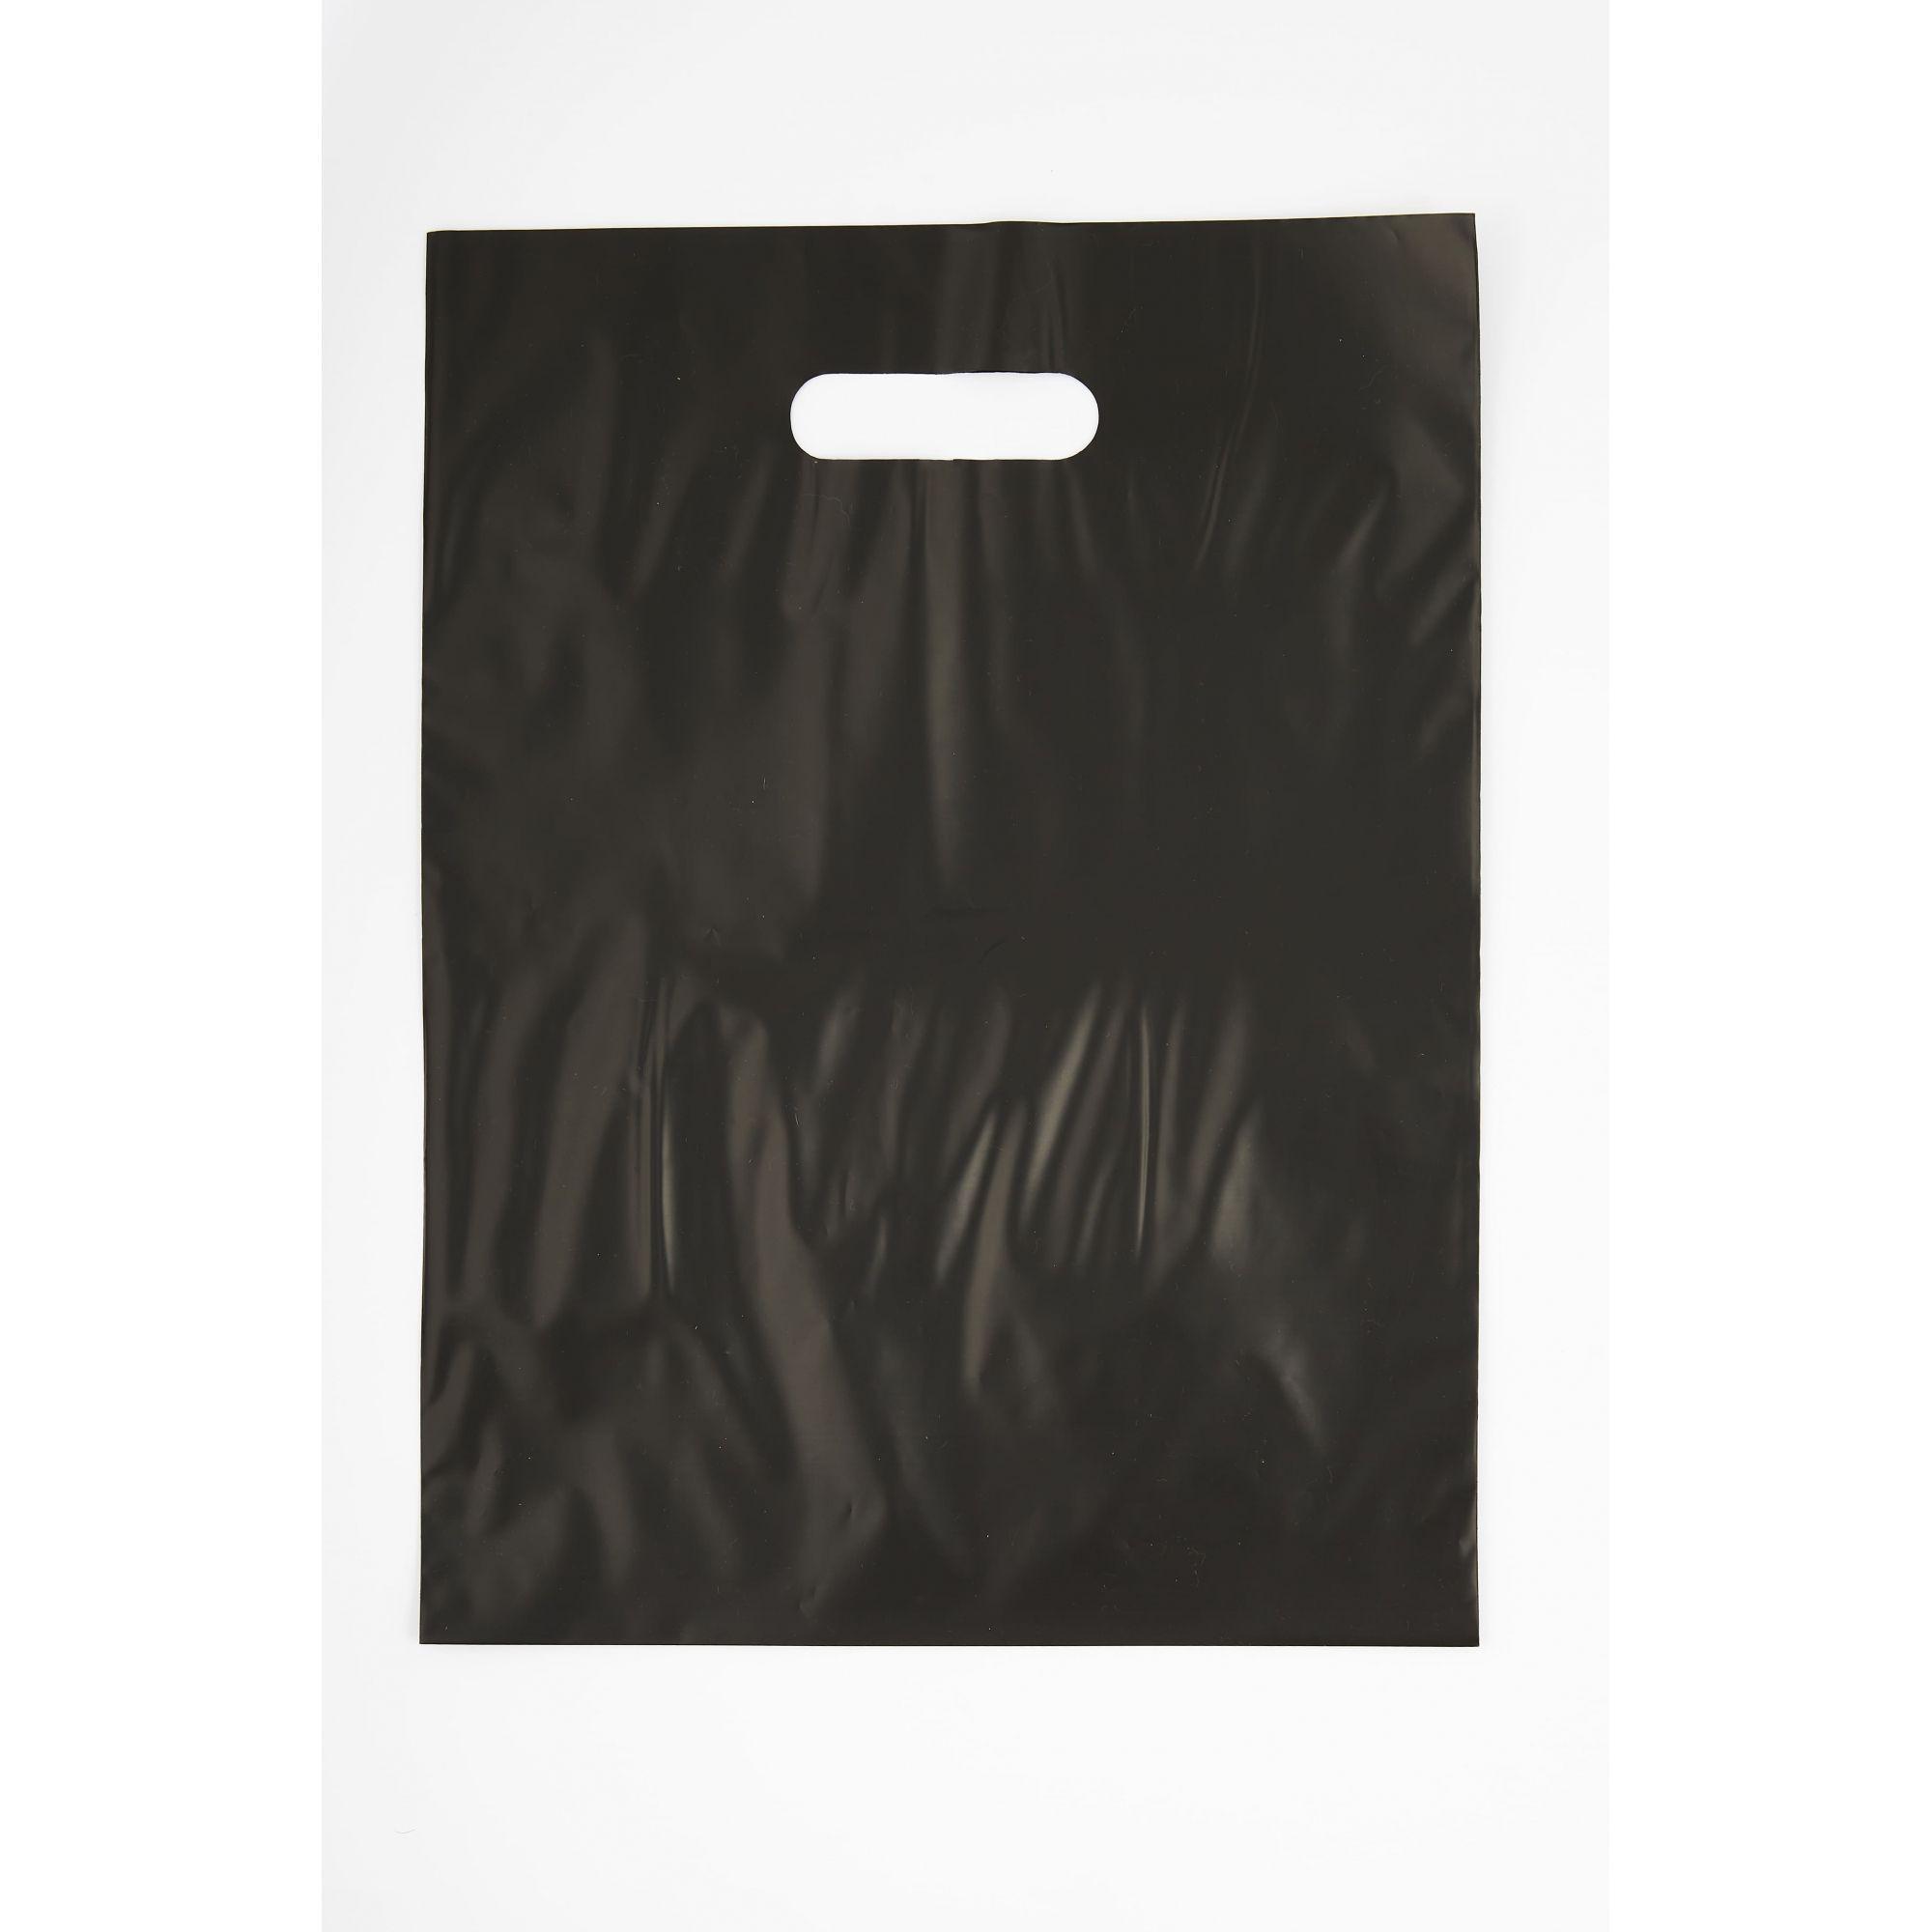 Sacola Plástica 30x40 Preta - Alça Boca de Palhaço